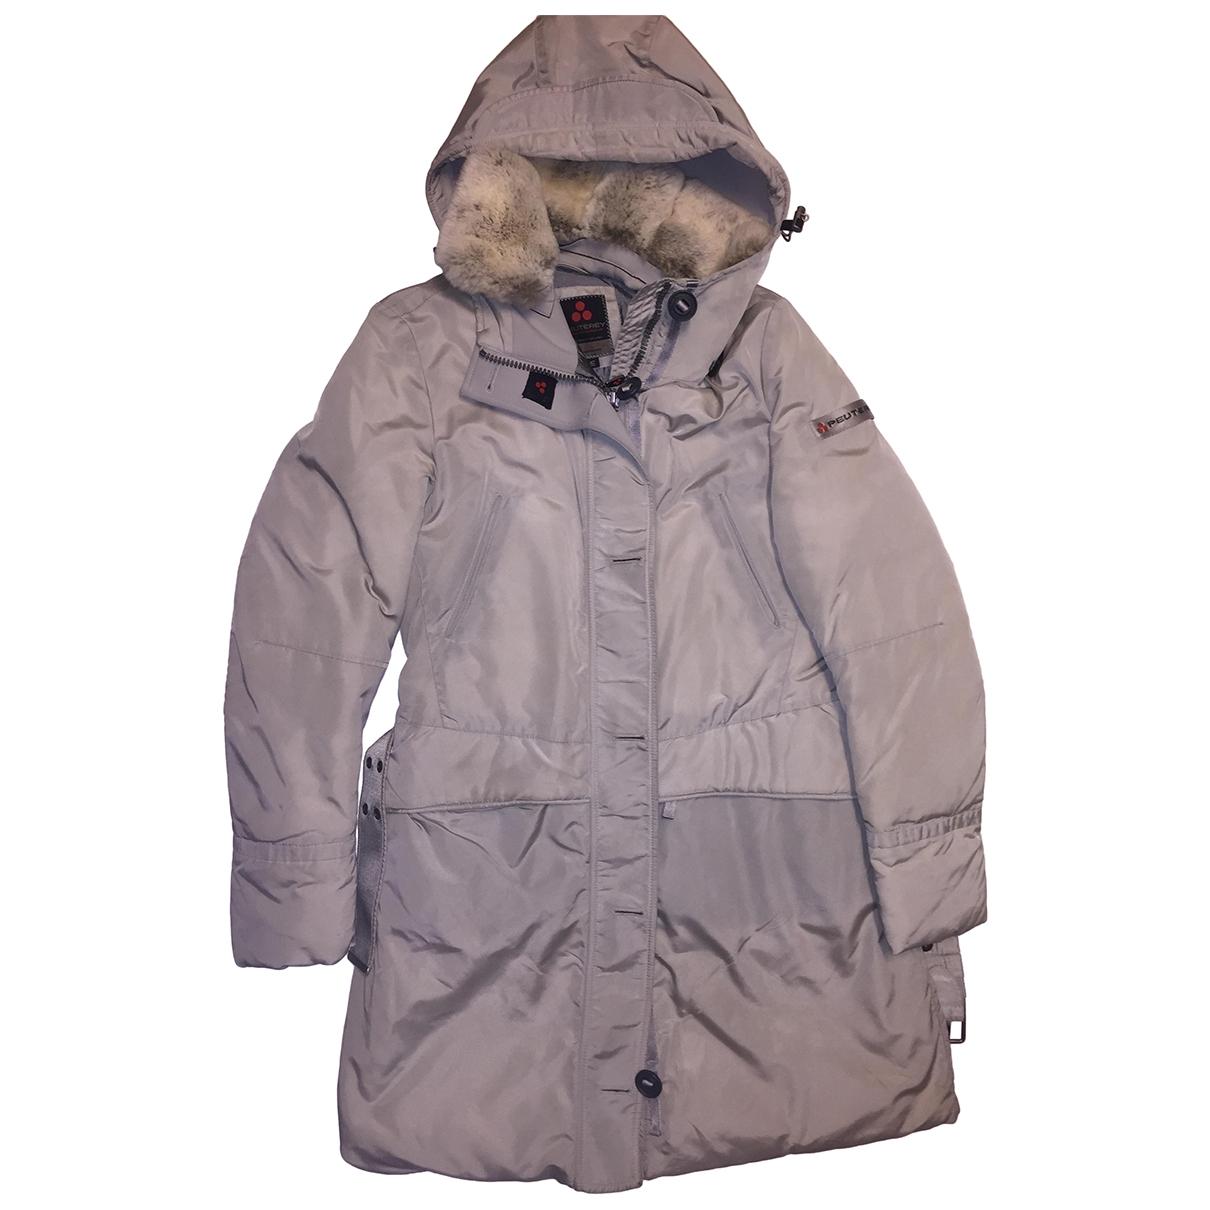 Peuterey \N Grey coat for Women 46 IT